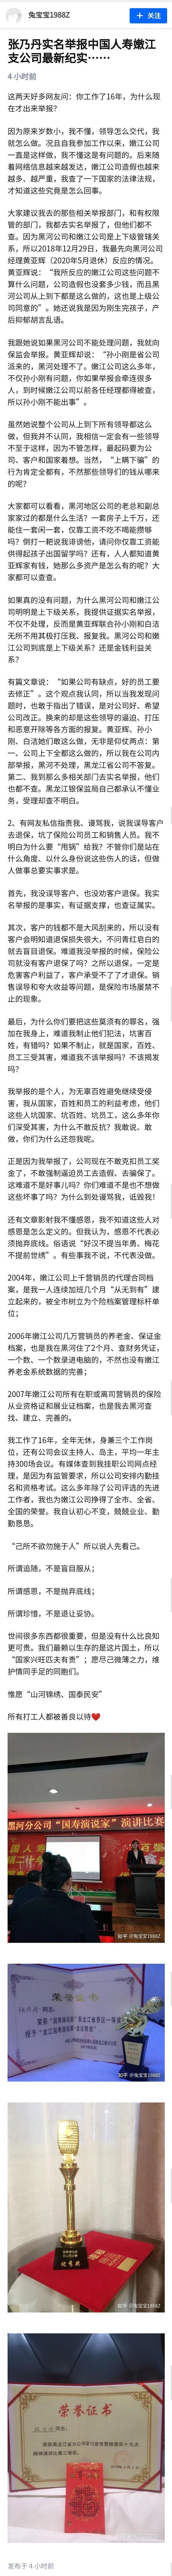 中国人寿举报者再次表示:误导销售和夸大收益是保险市场的反复禁令